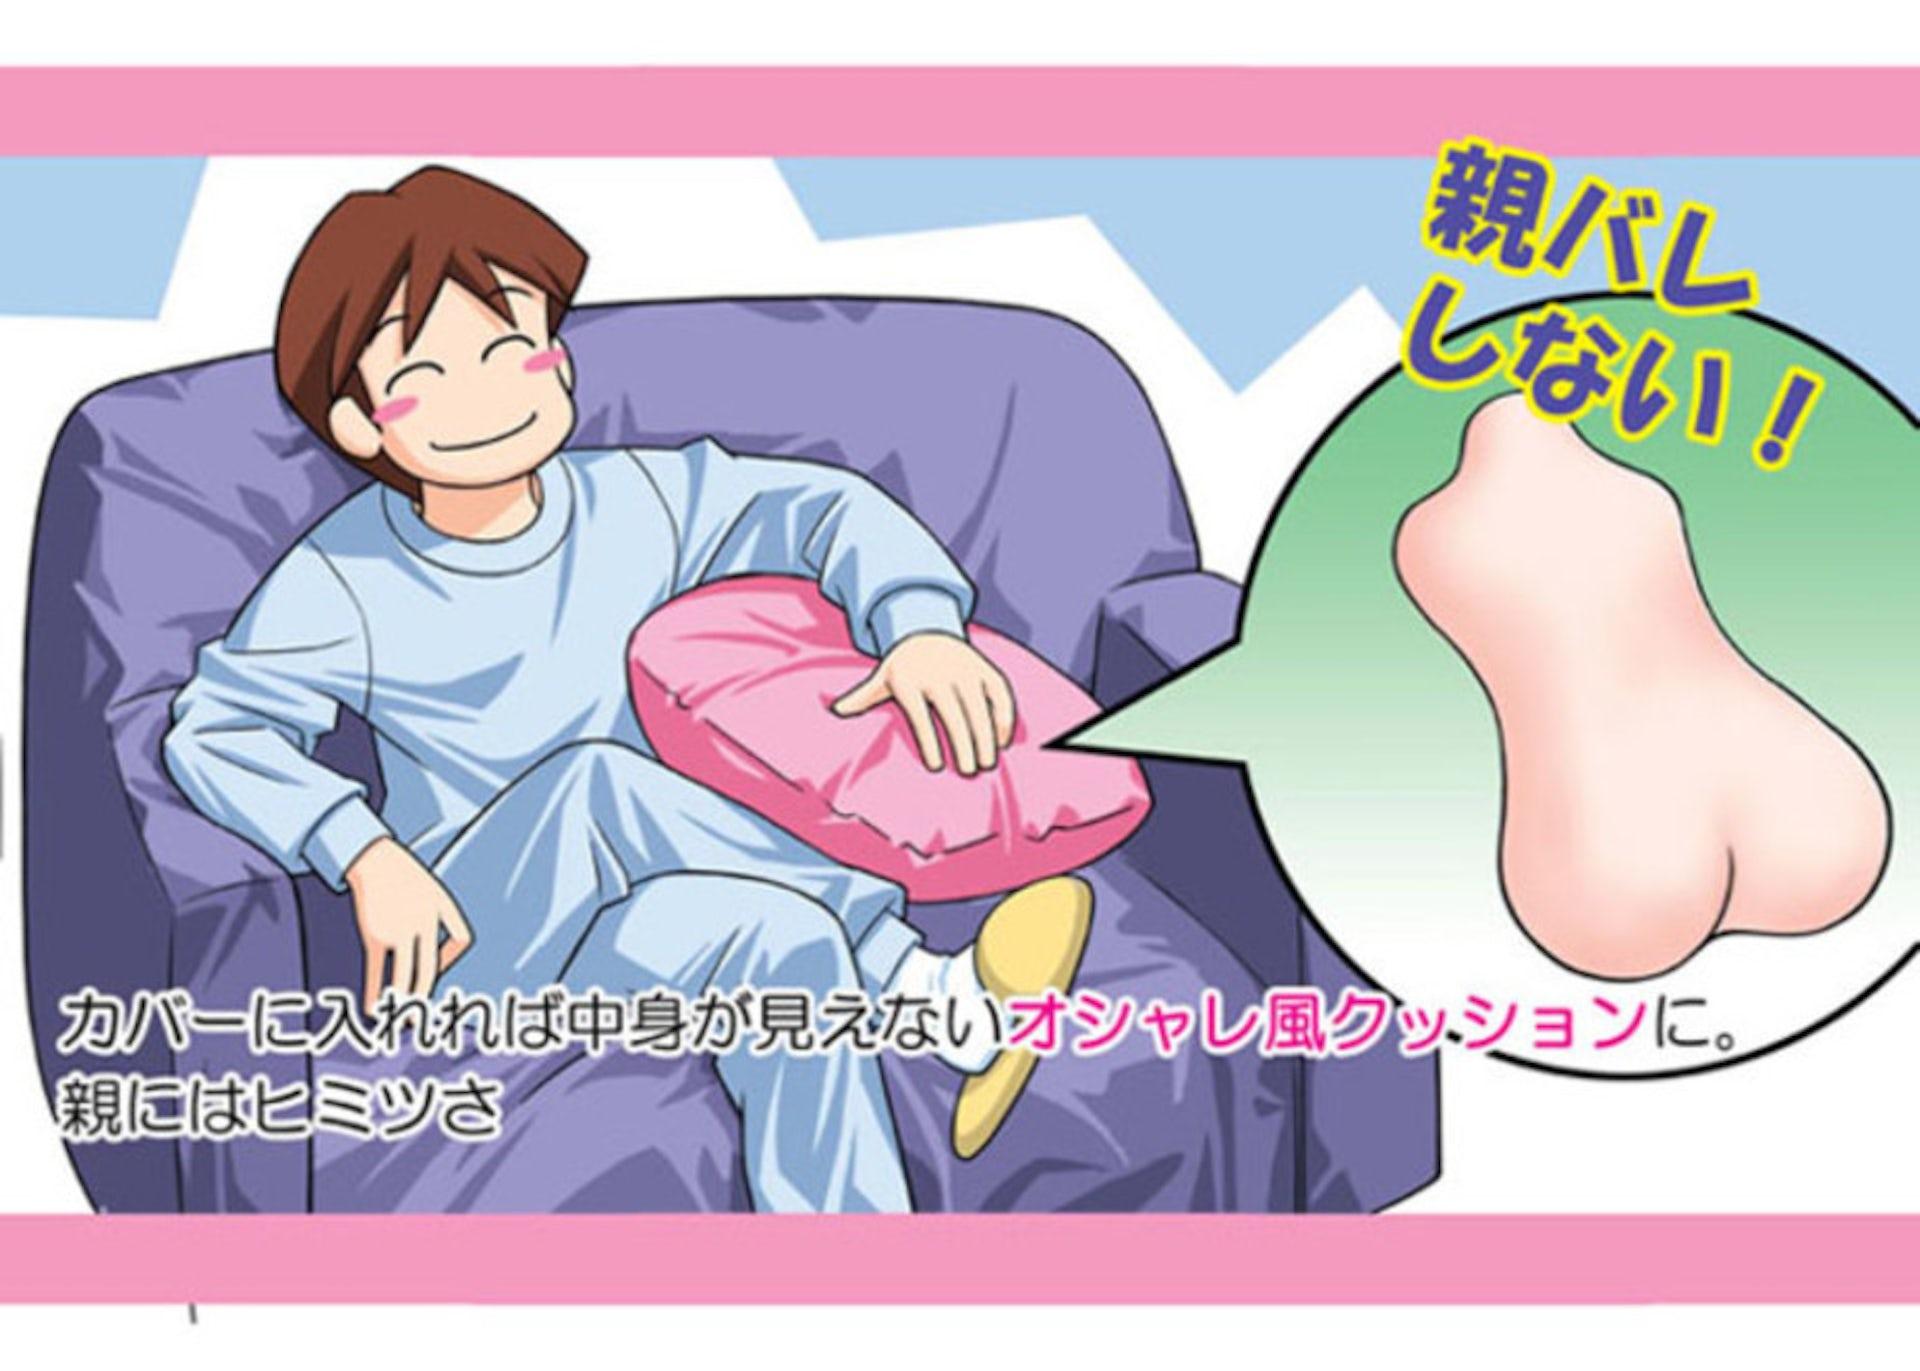 Body pillow sex